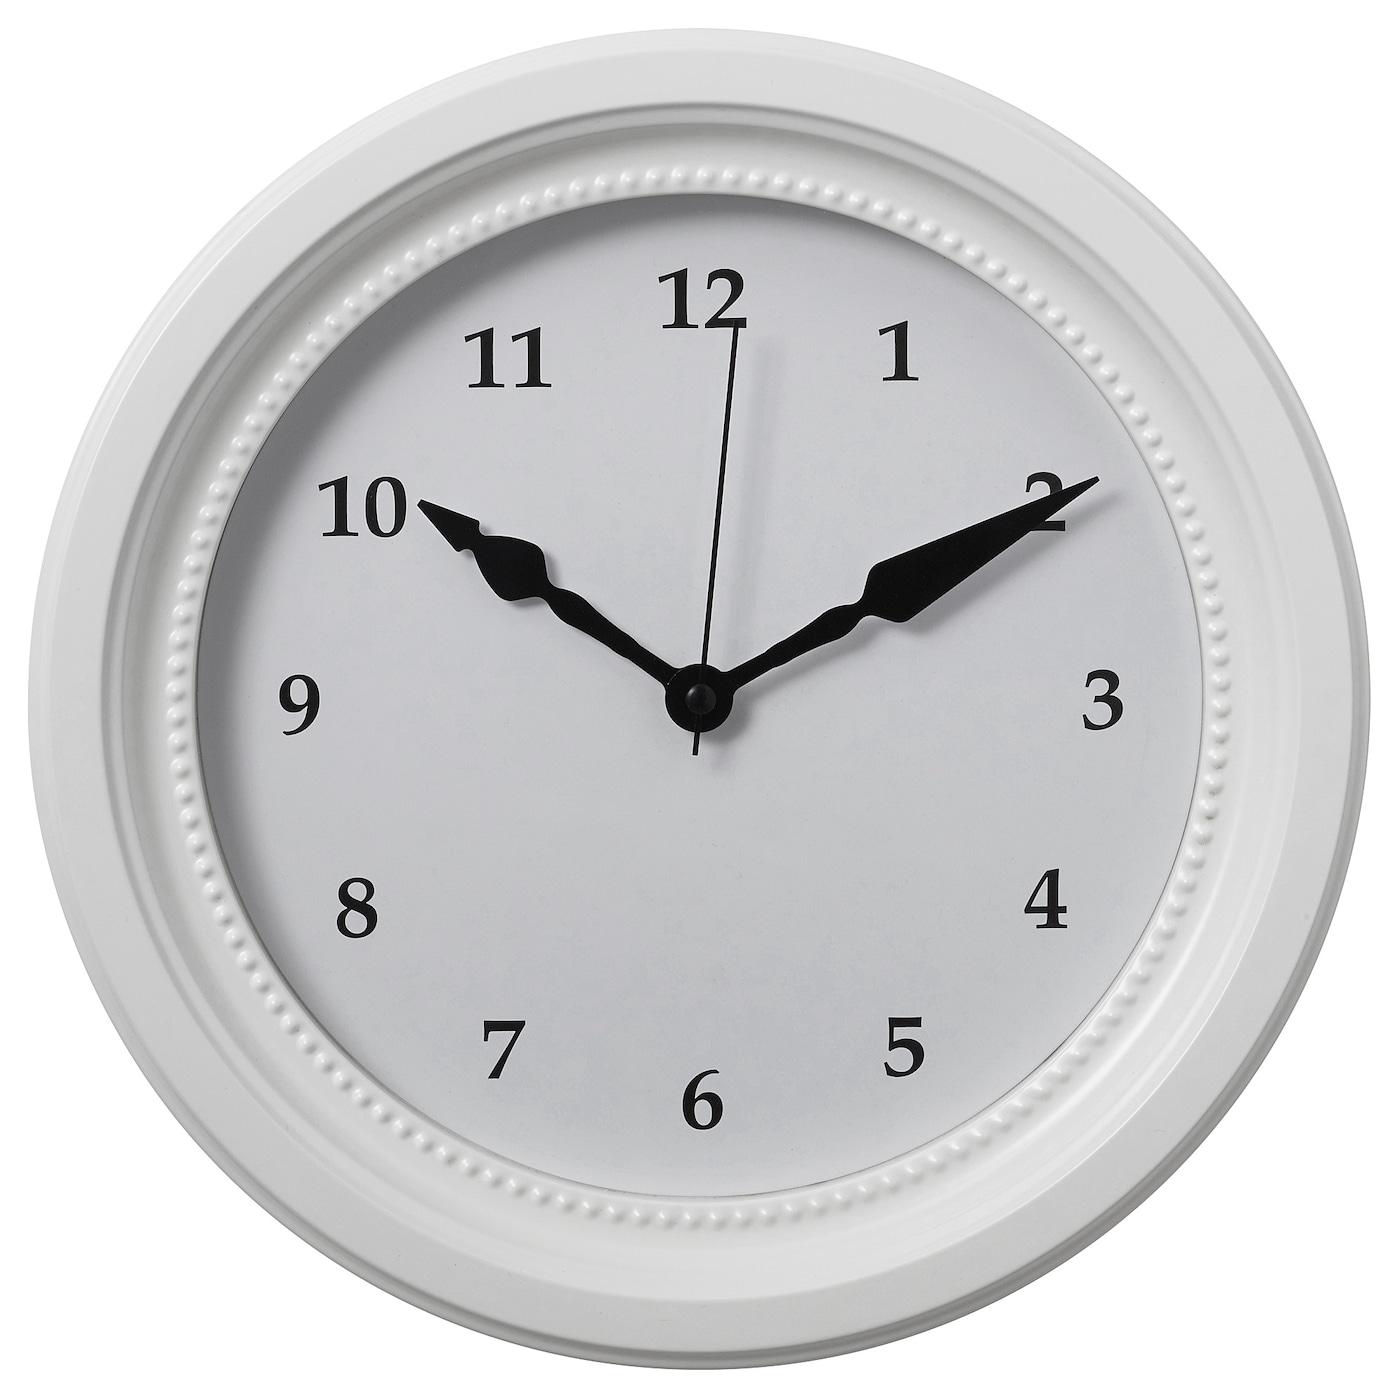 clocks digital clocks analog clocks ikea. Black Bedroom Furniture Sets. Home Design Ideas